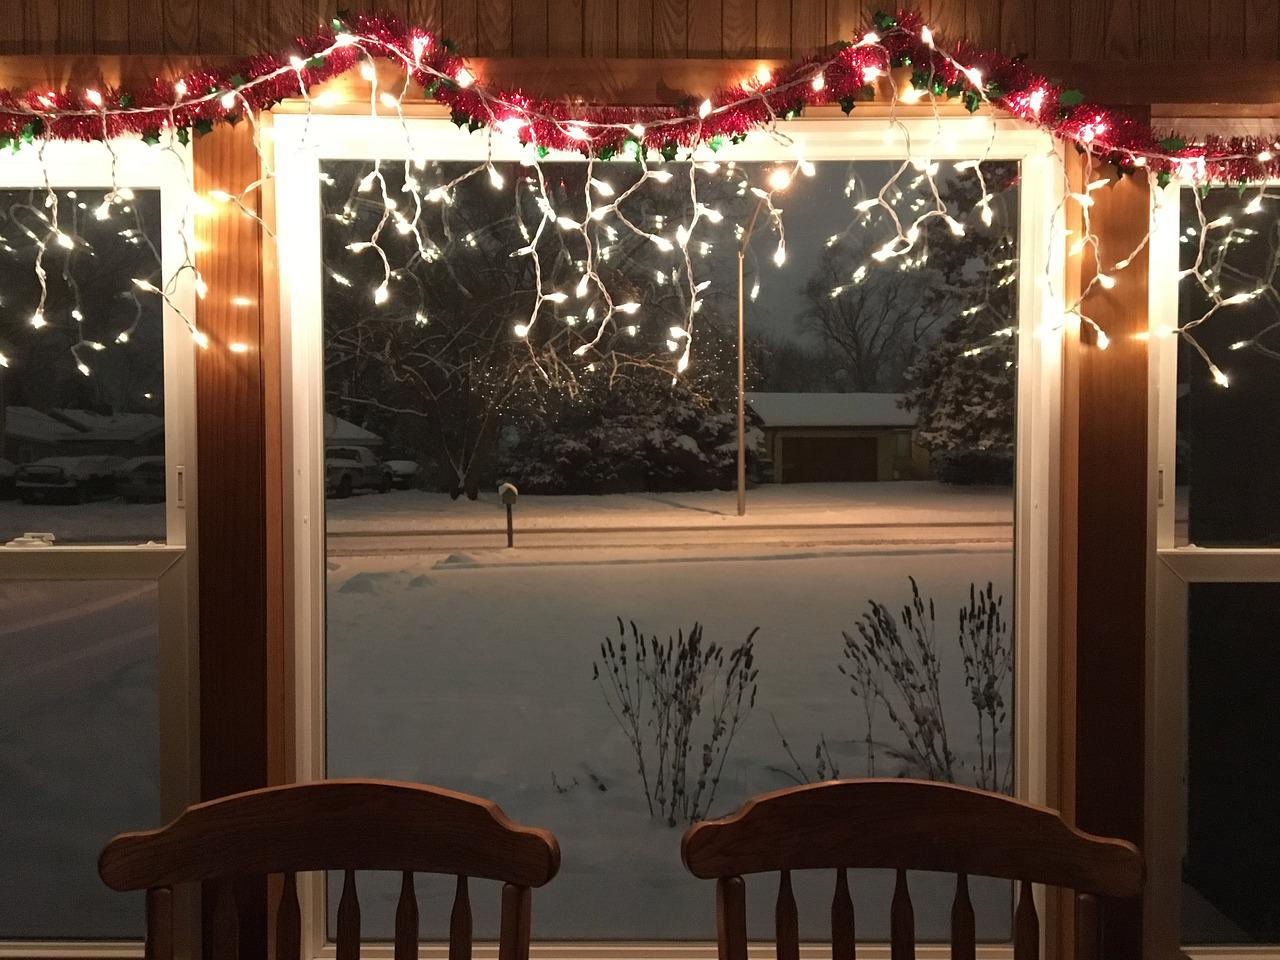 картинки как украсить окно гирляндой классифицированы